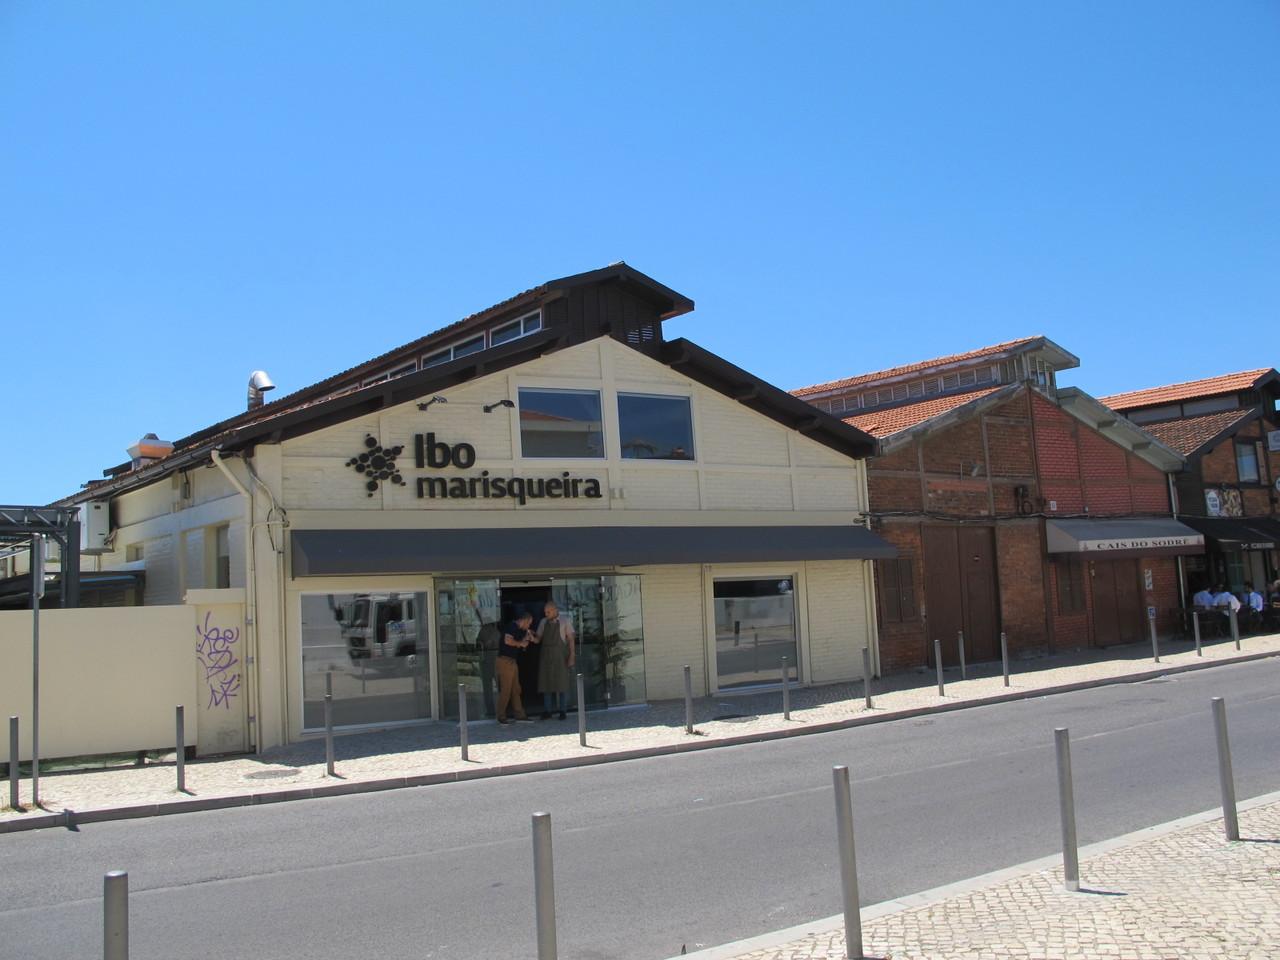 IBO MARISQUEIRA